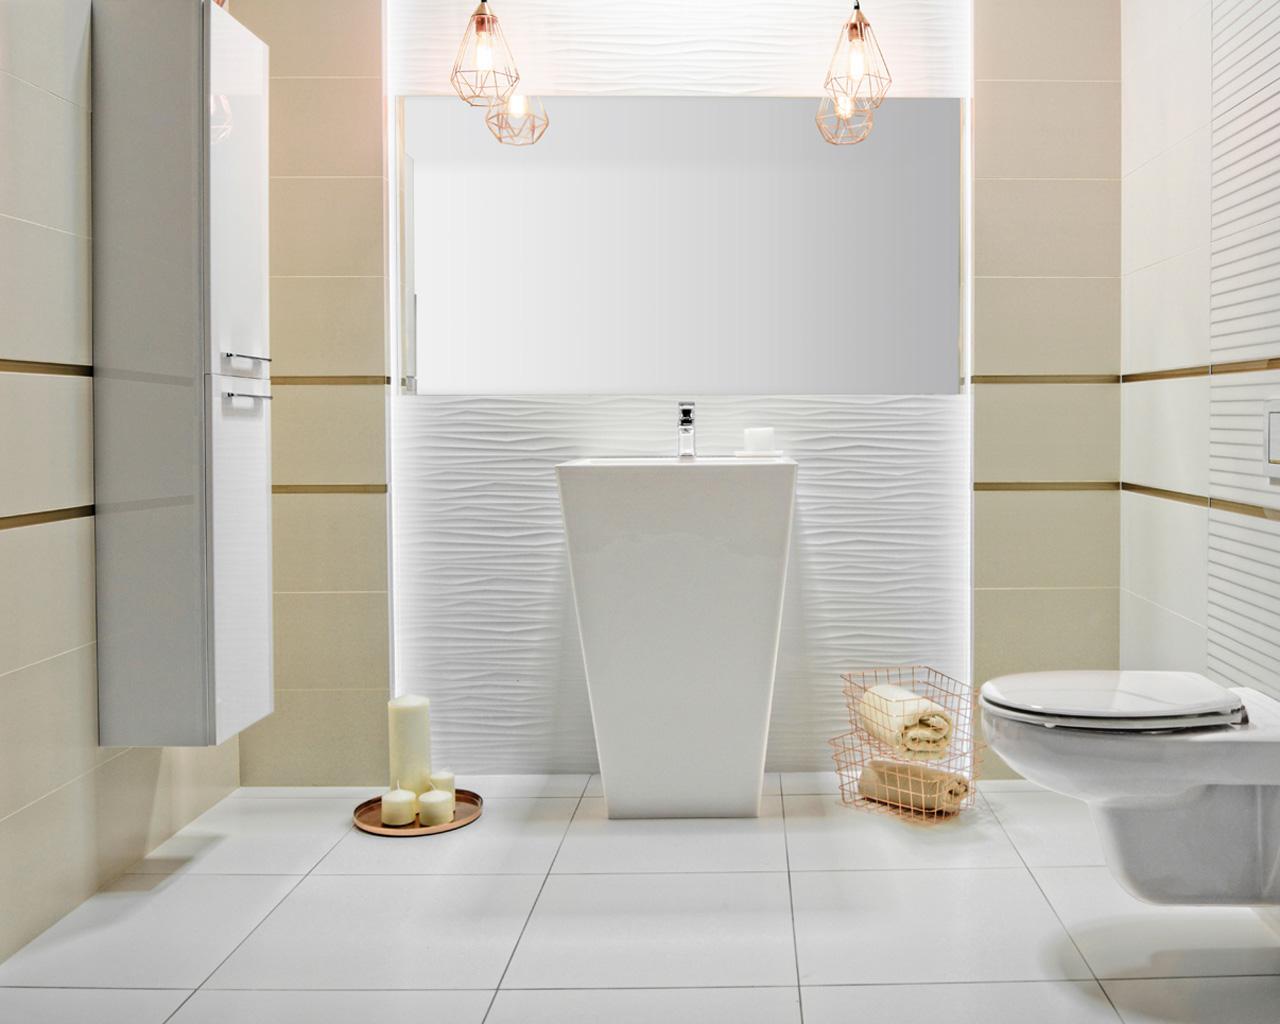 Zabawy strukturąw minimalistycznej łazience